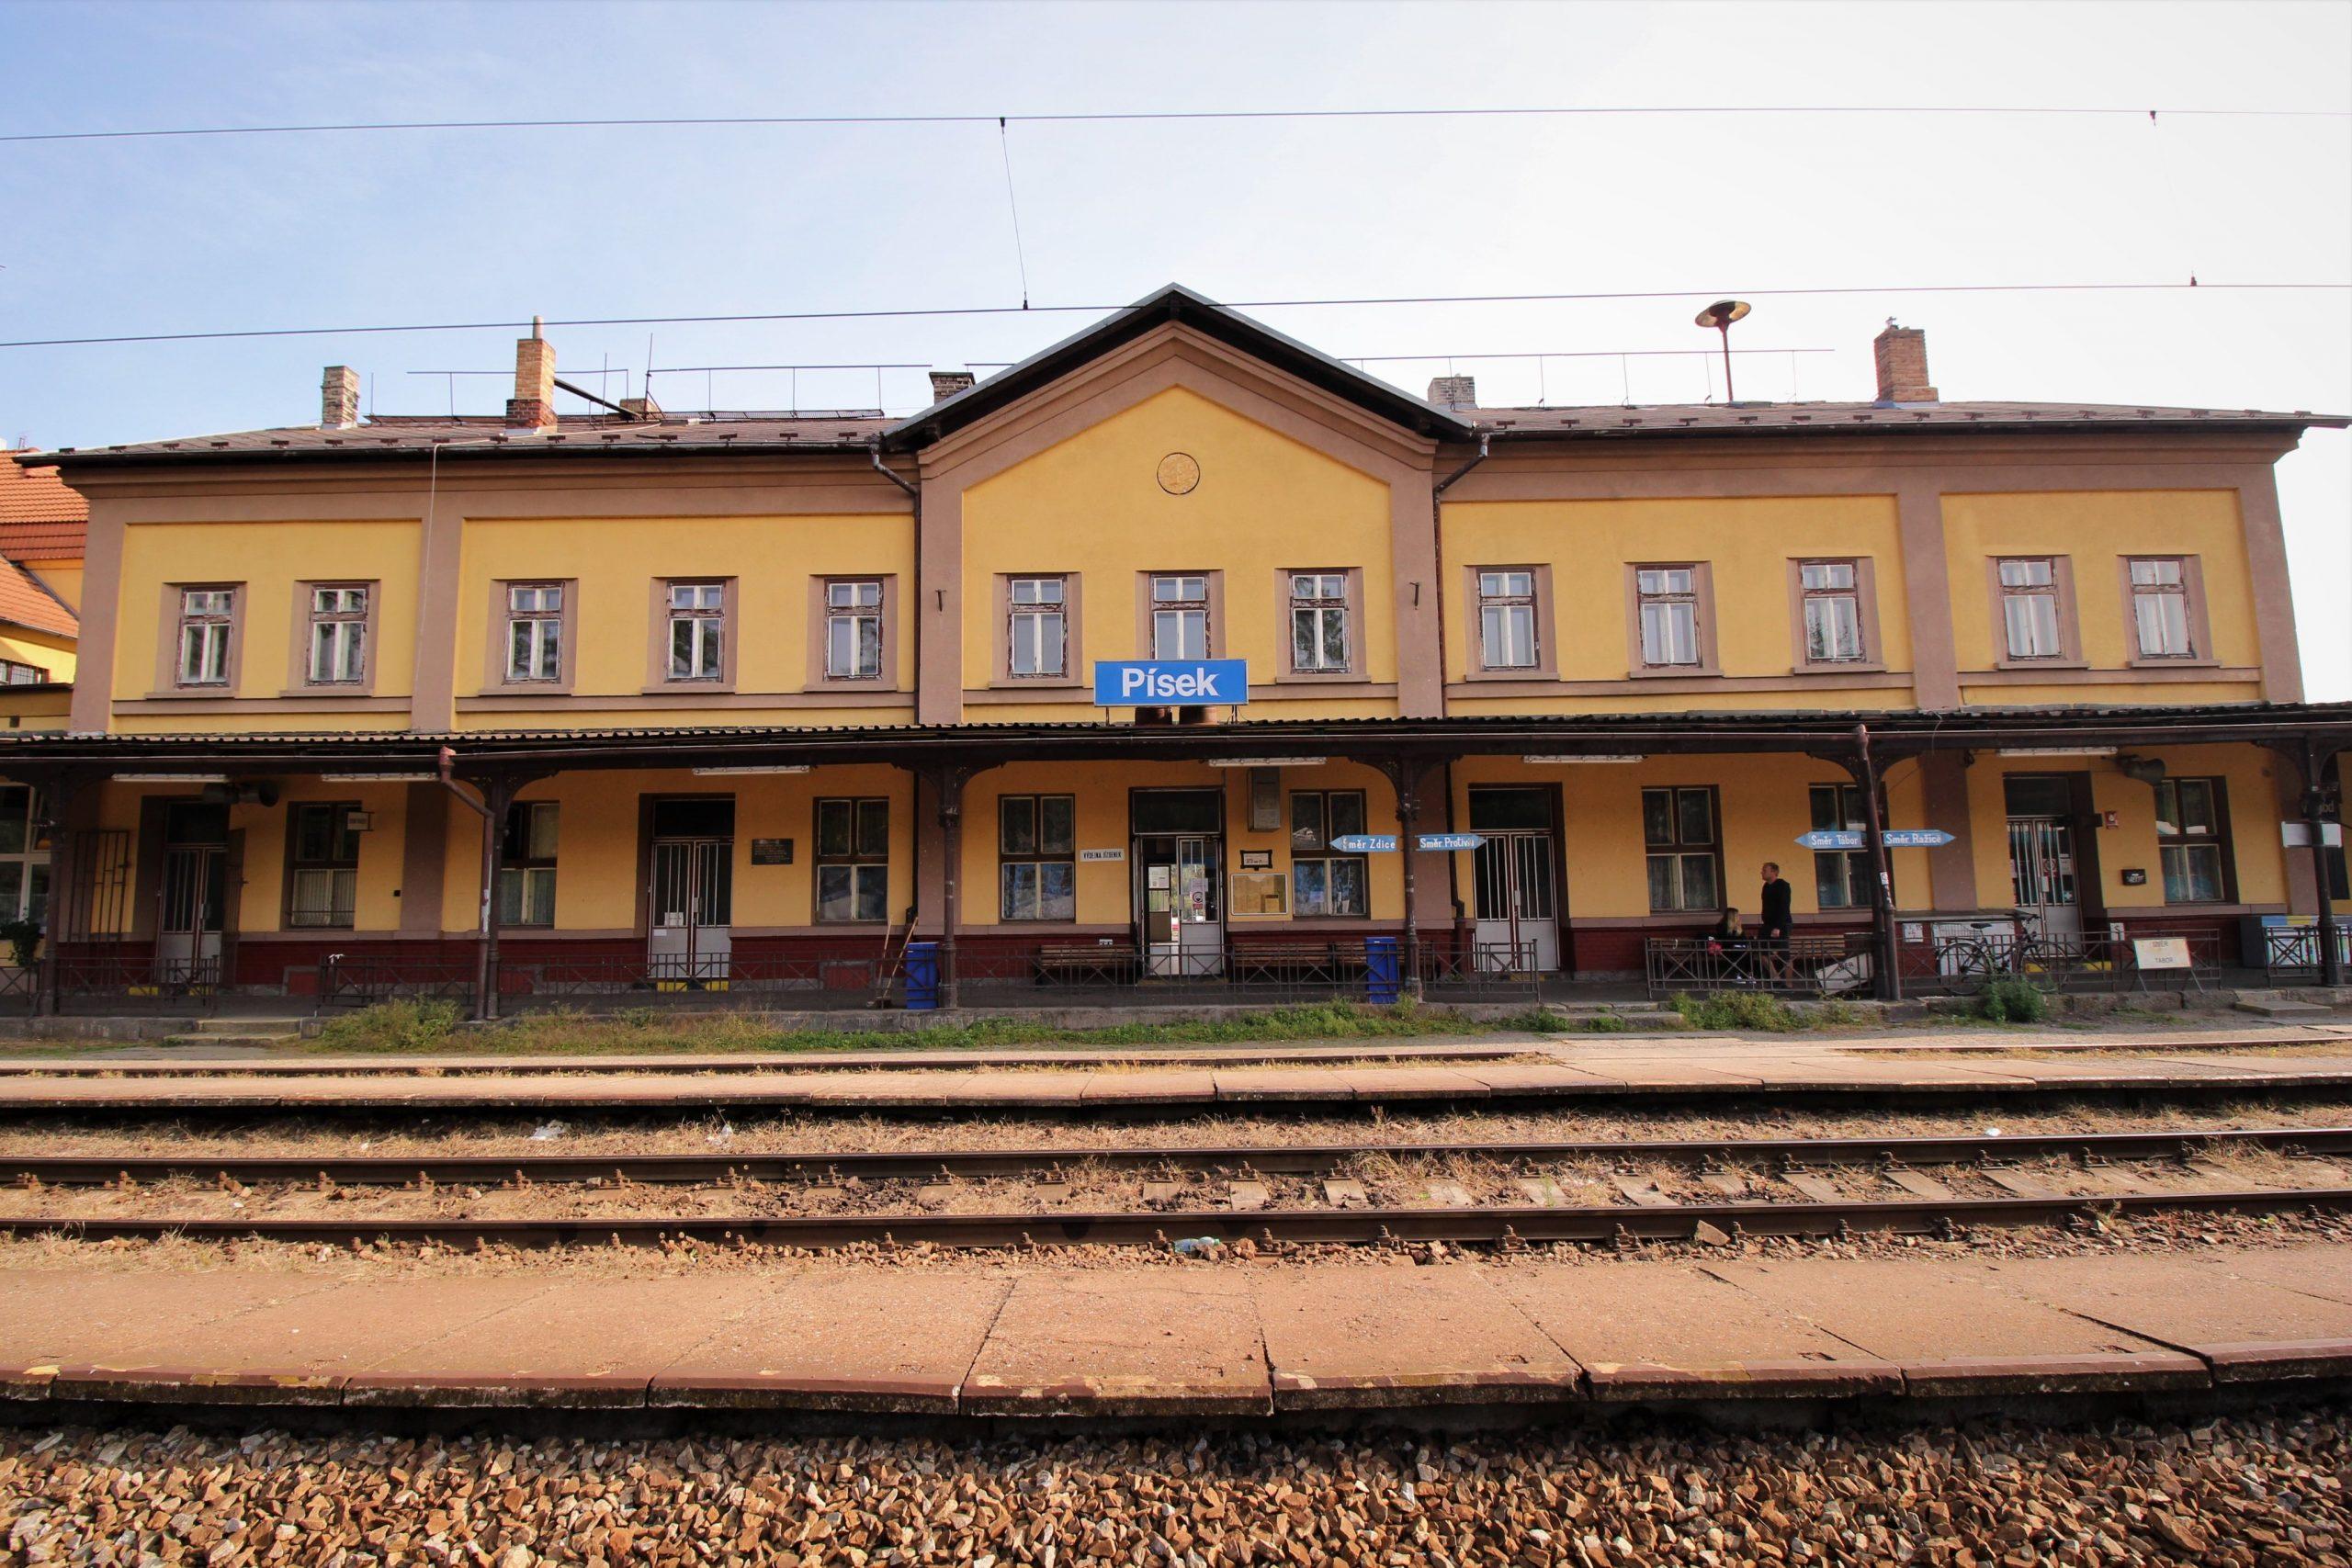 Nádražní budova Písek. Pramen: Správa železnic